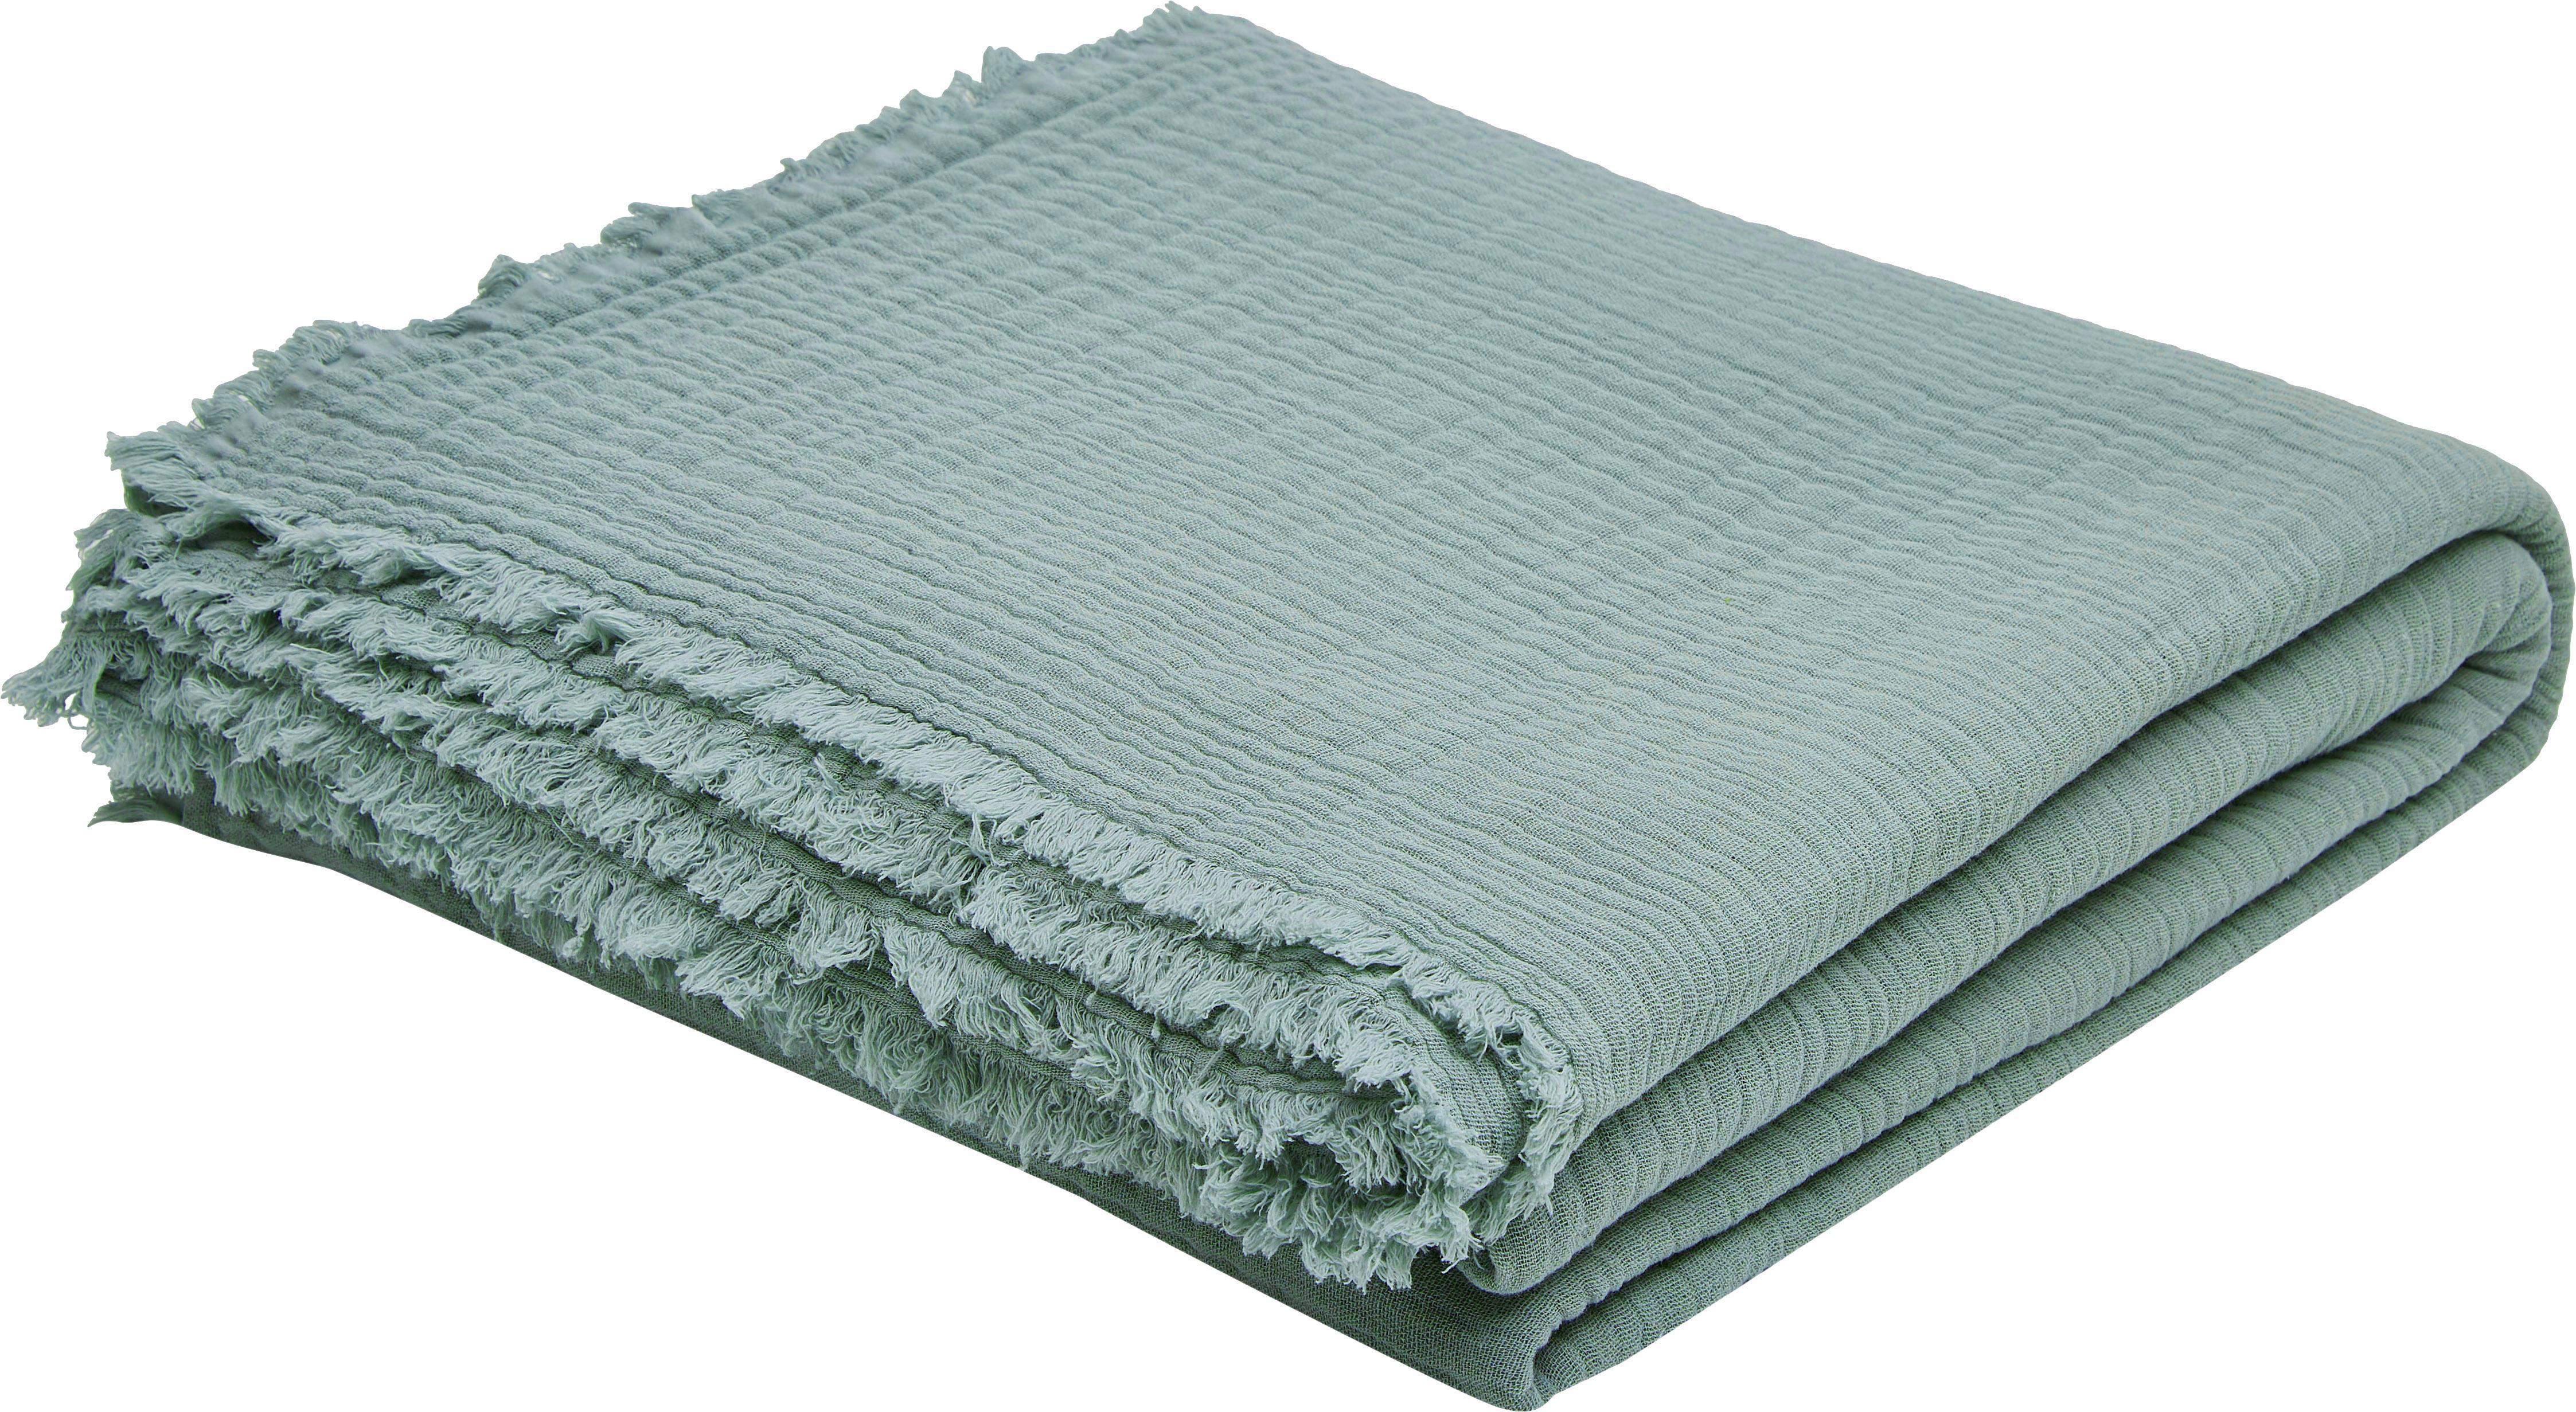 Tagesdecke Vanly aus weichem Baumwollmusselin, 100% Baumwollmusselin, Graugrün, 240 x 260 cm